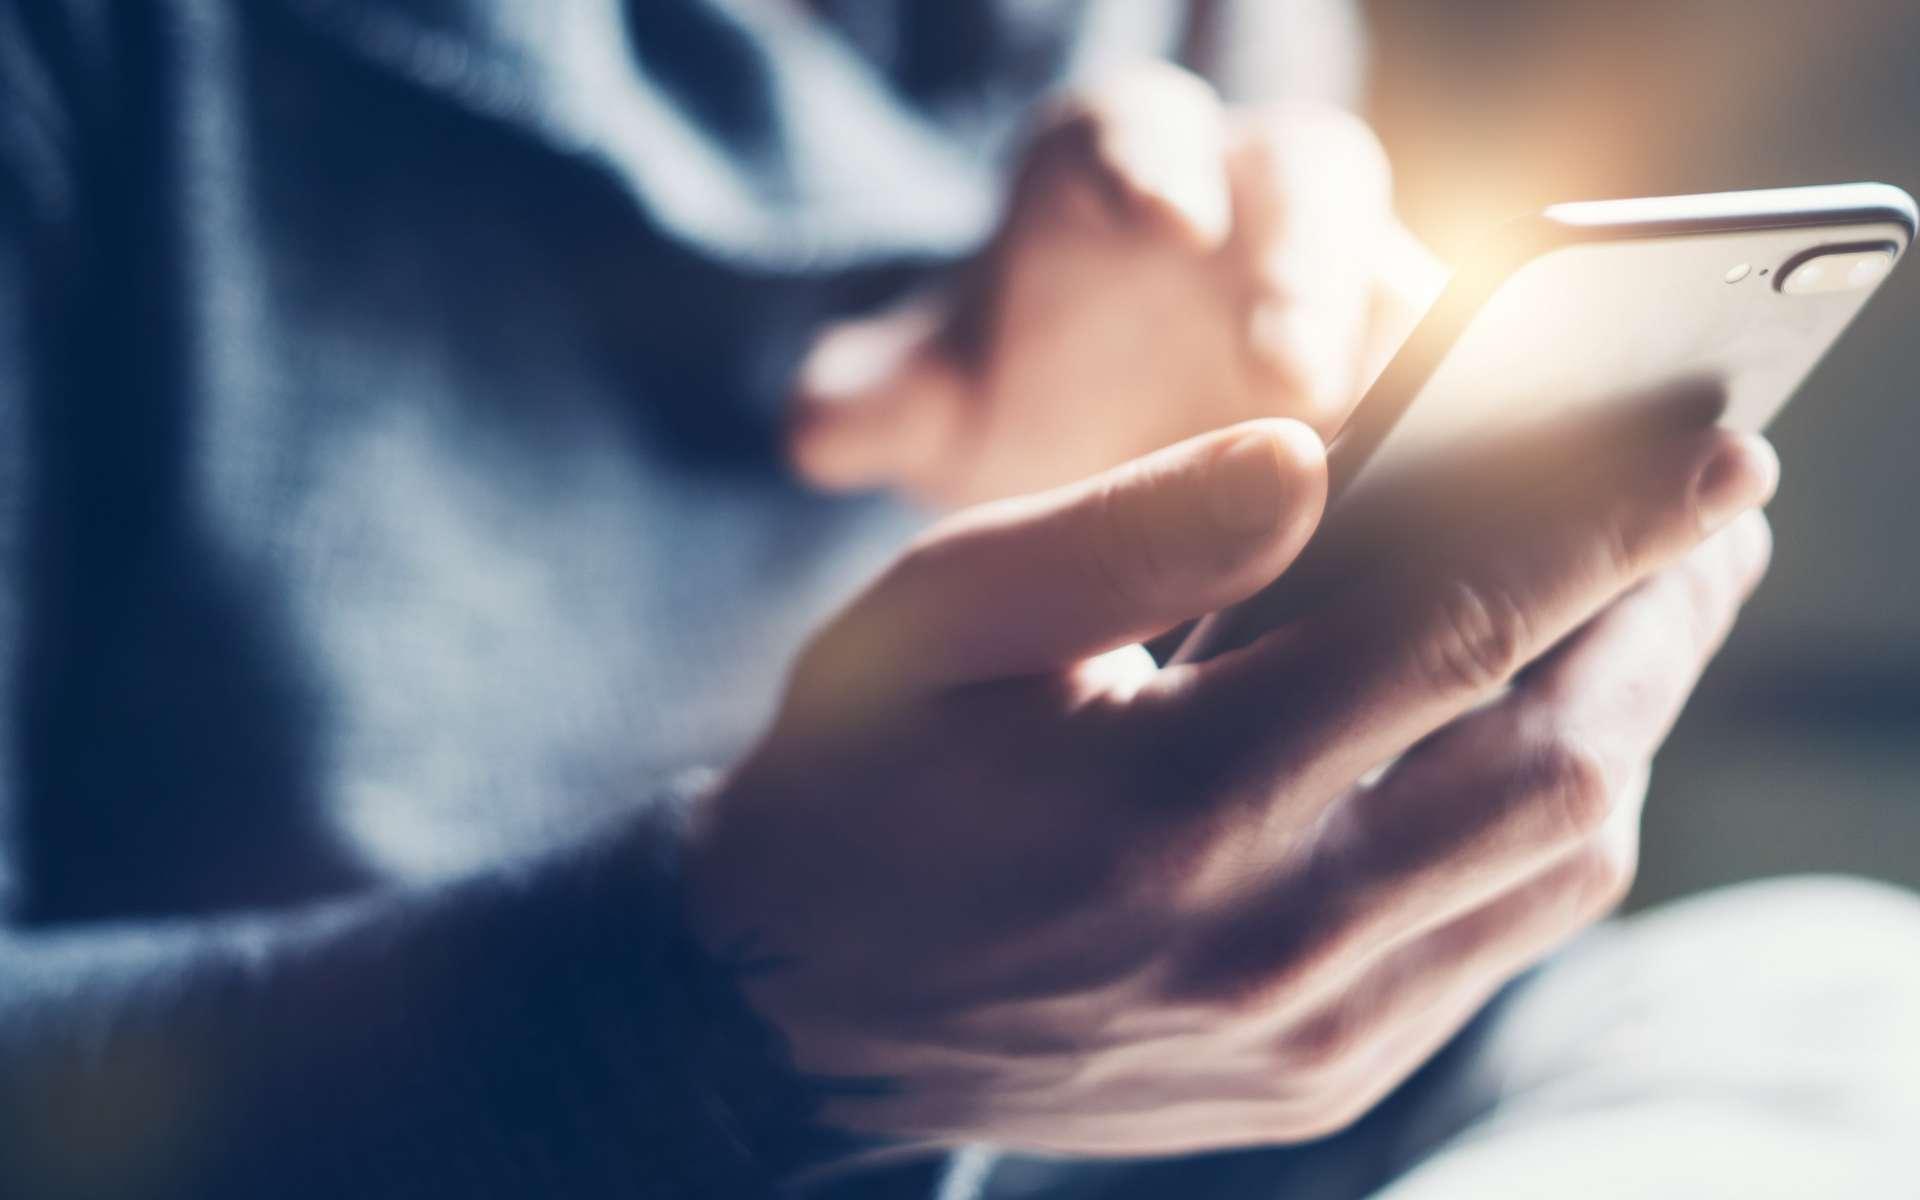 Bon plan AliExpress : les meilleurs smartphones à l'occasion de cette promo d'été © Rymden, Adobe Stock